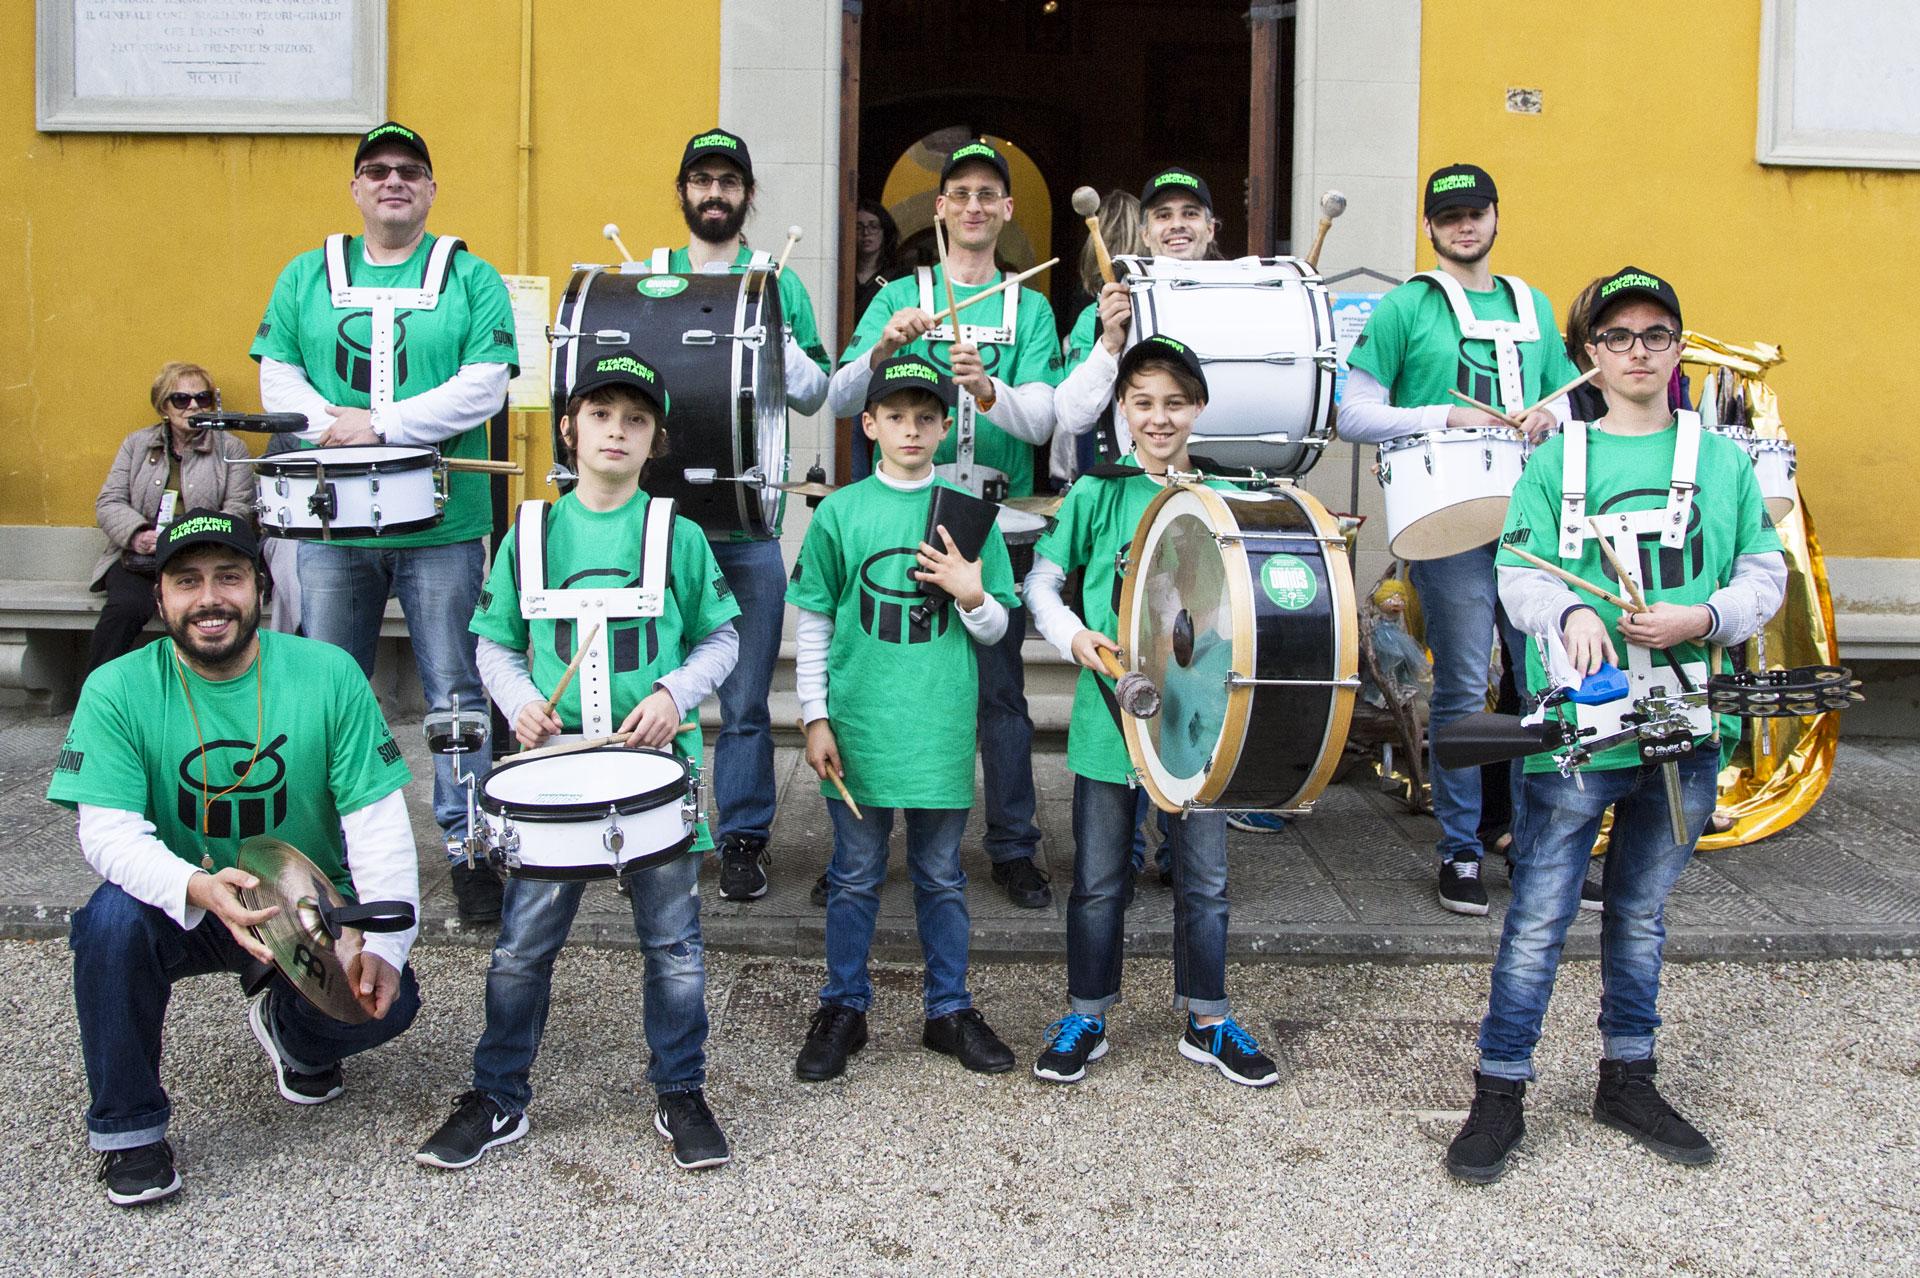 Tamburi Marcianti